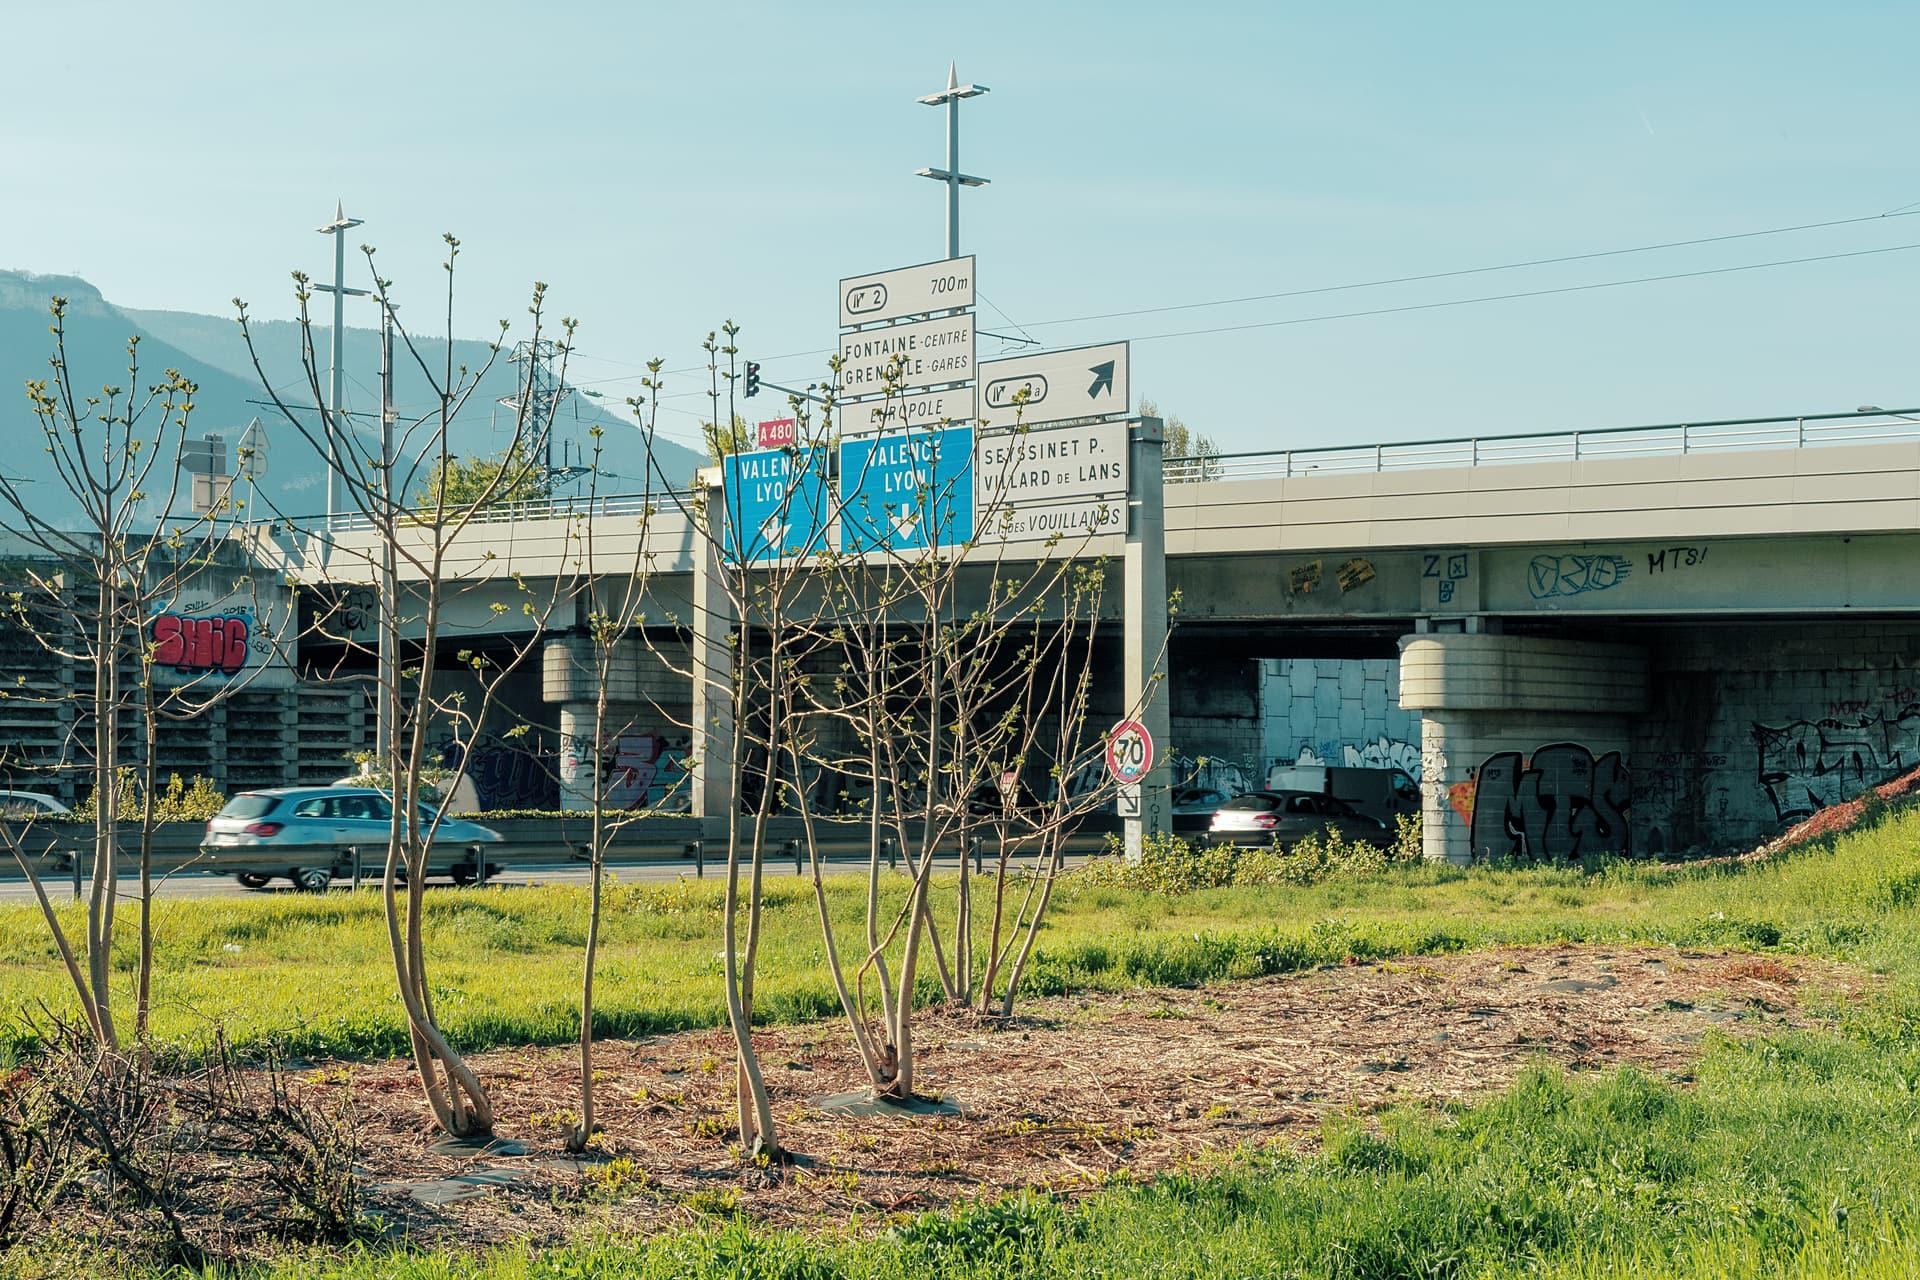 photographie du pont de Catane à Grenoble depuis l'autoroute A480